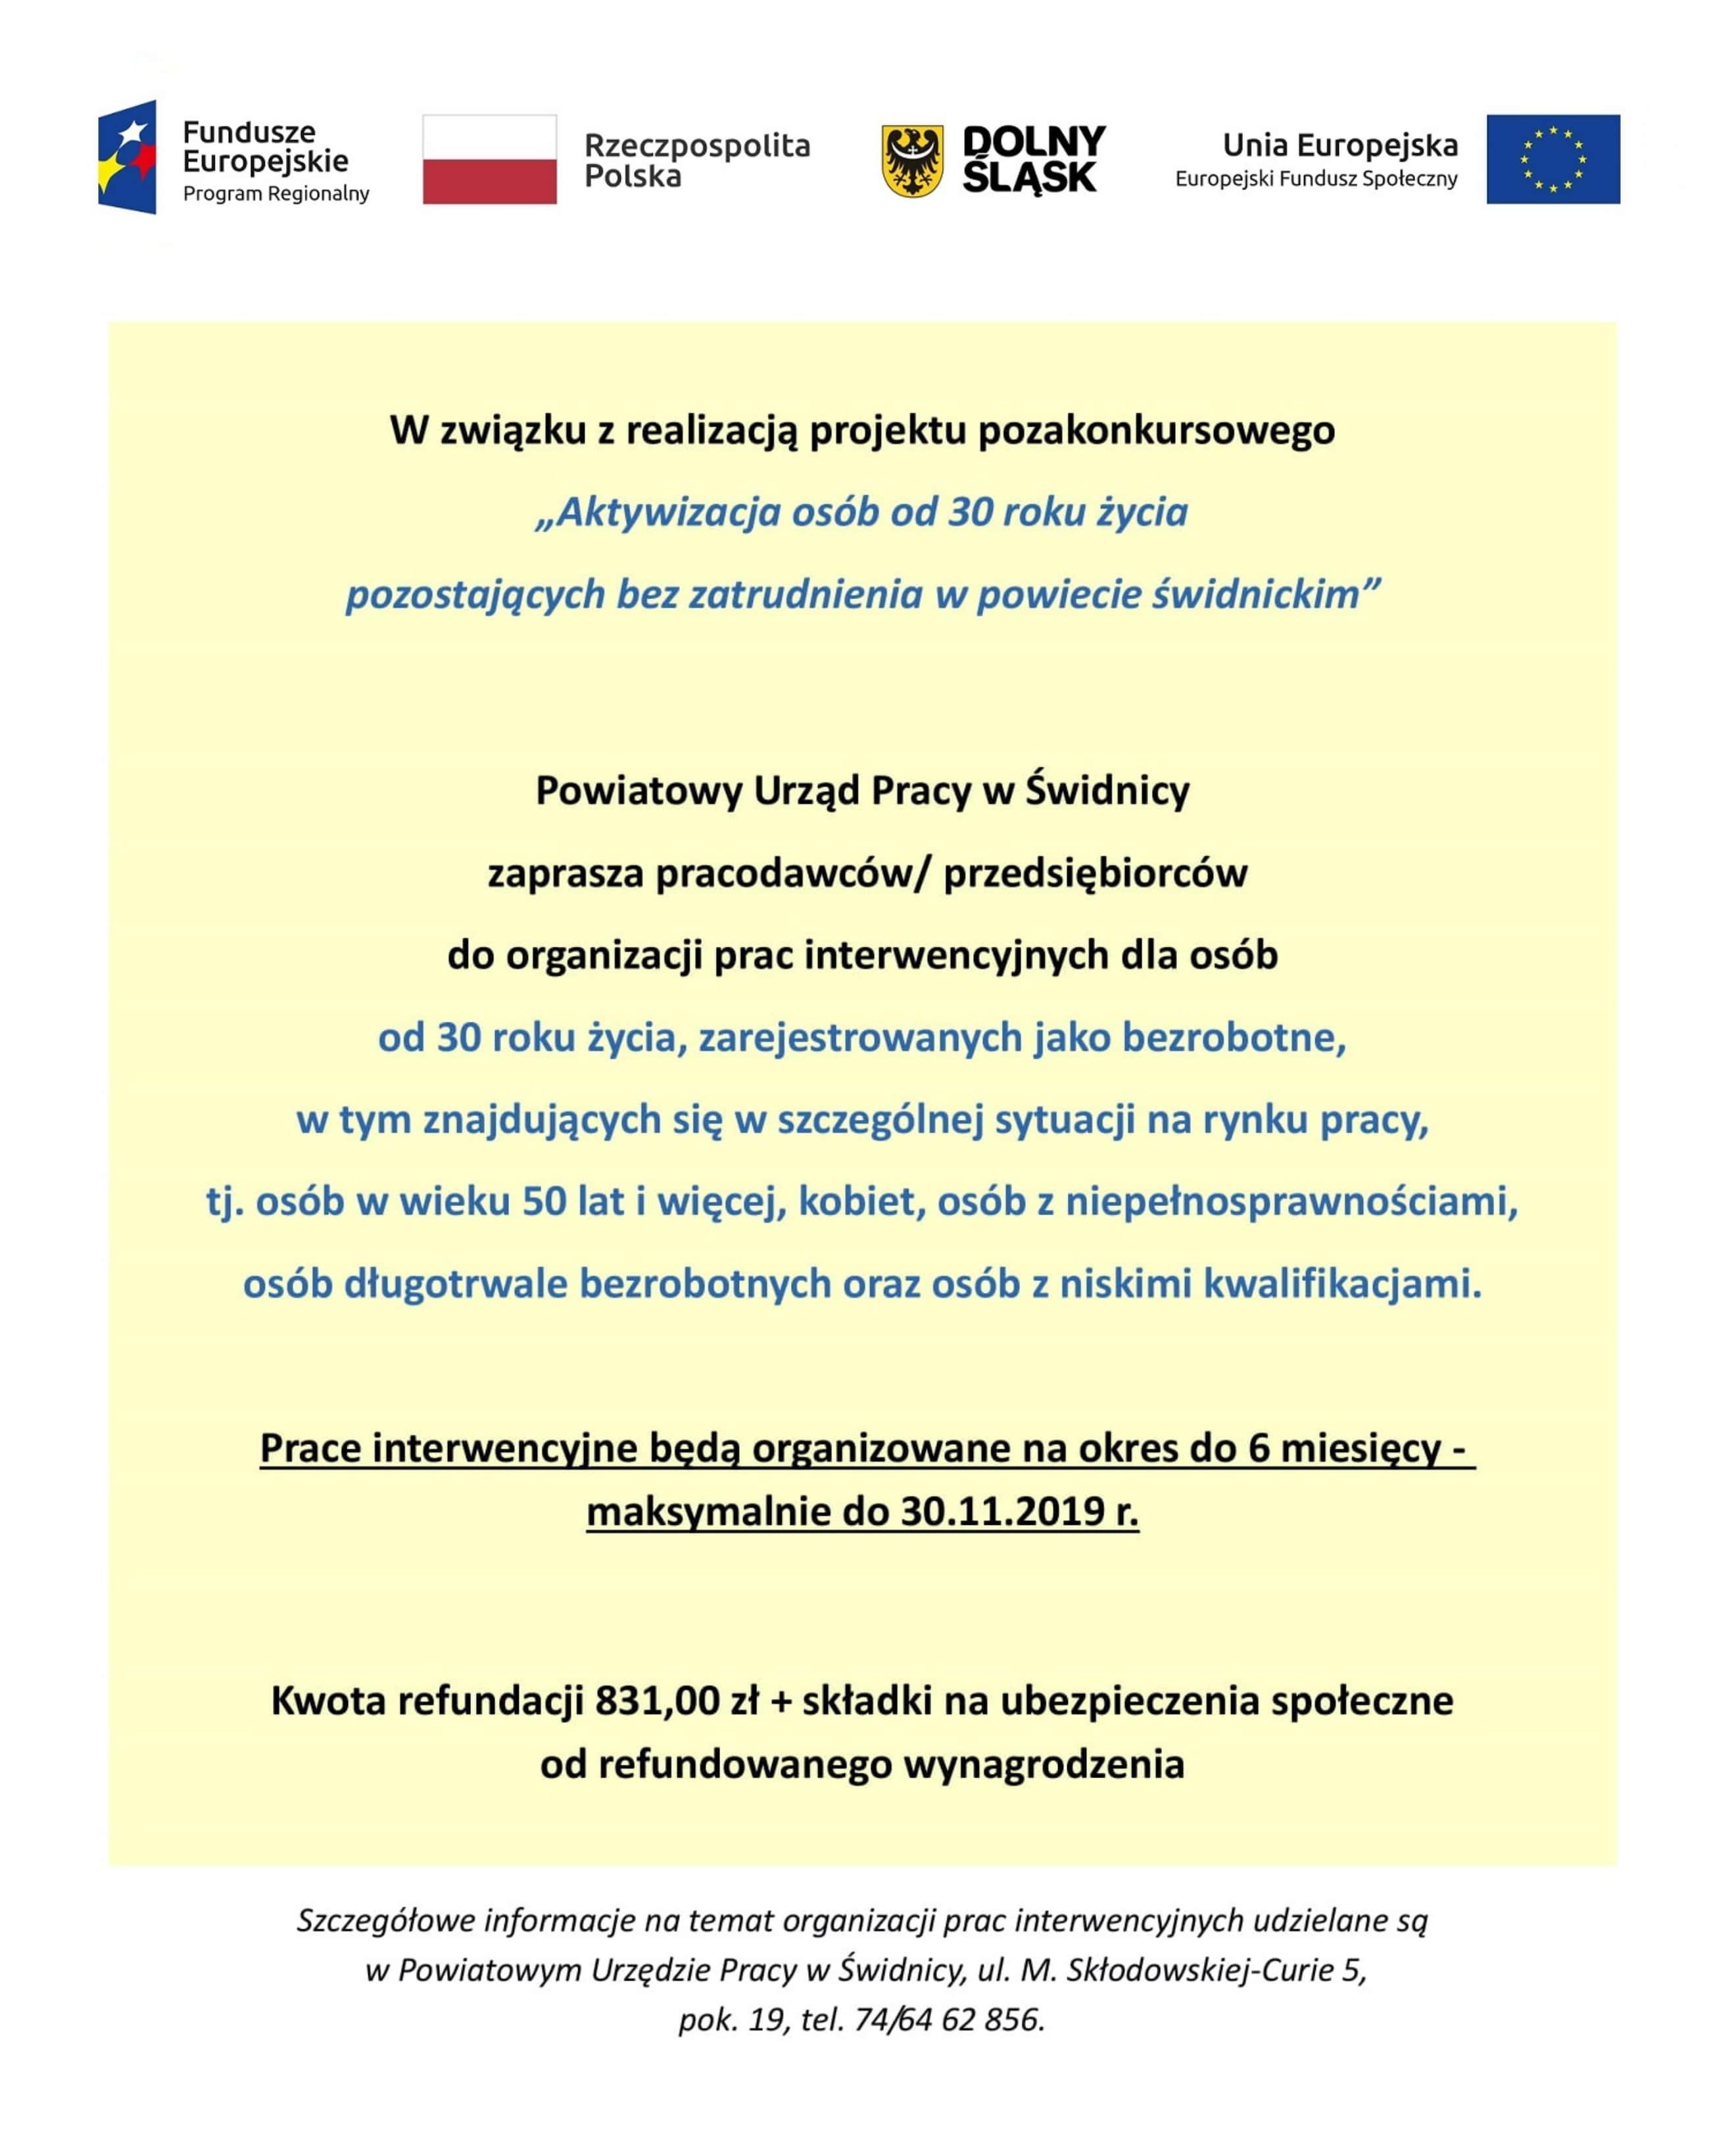 Ogłoszenie RPO - prace interwencyjne.jpg